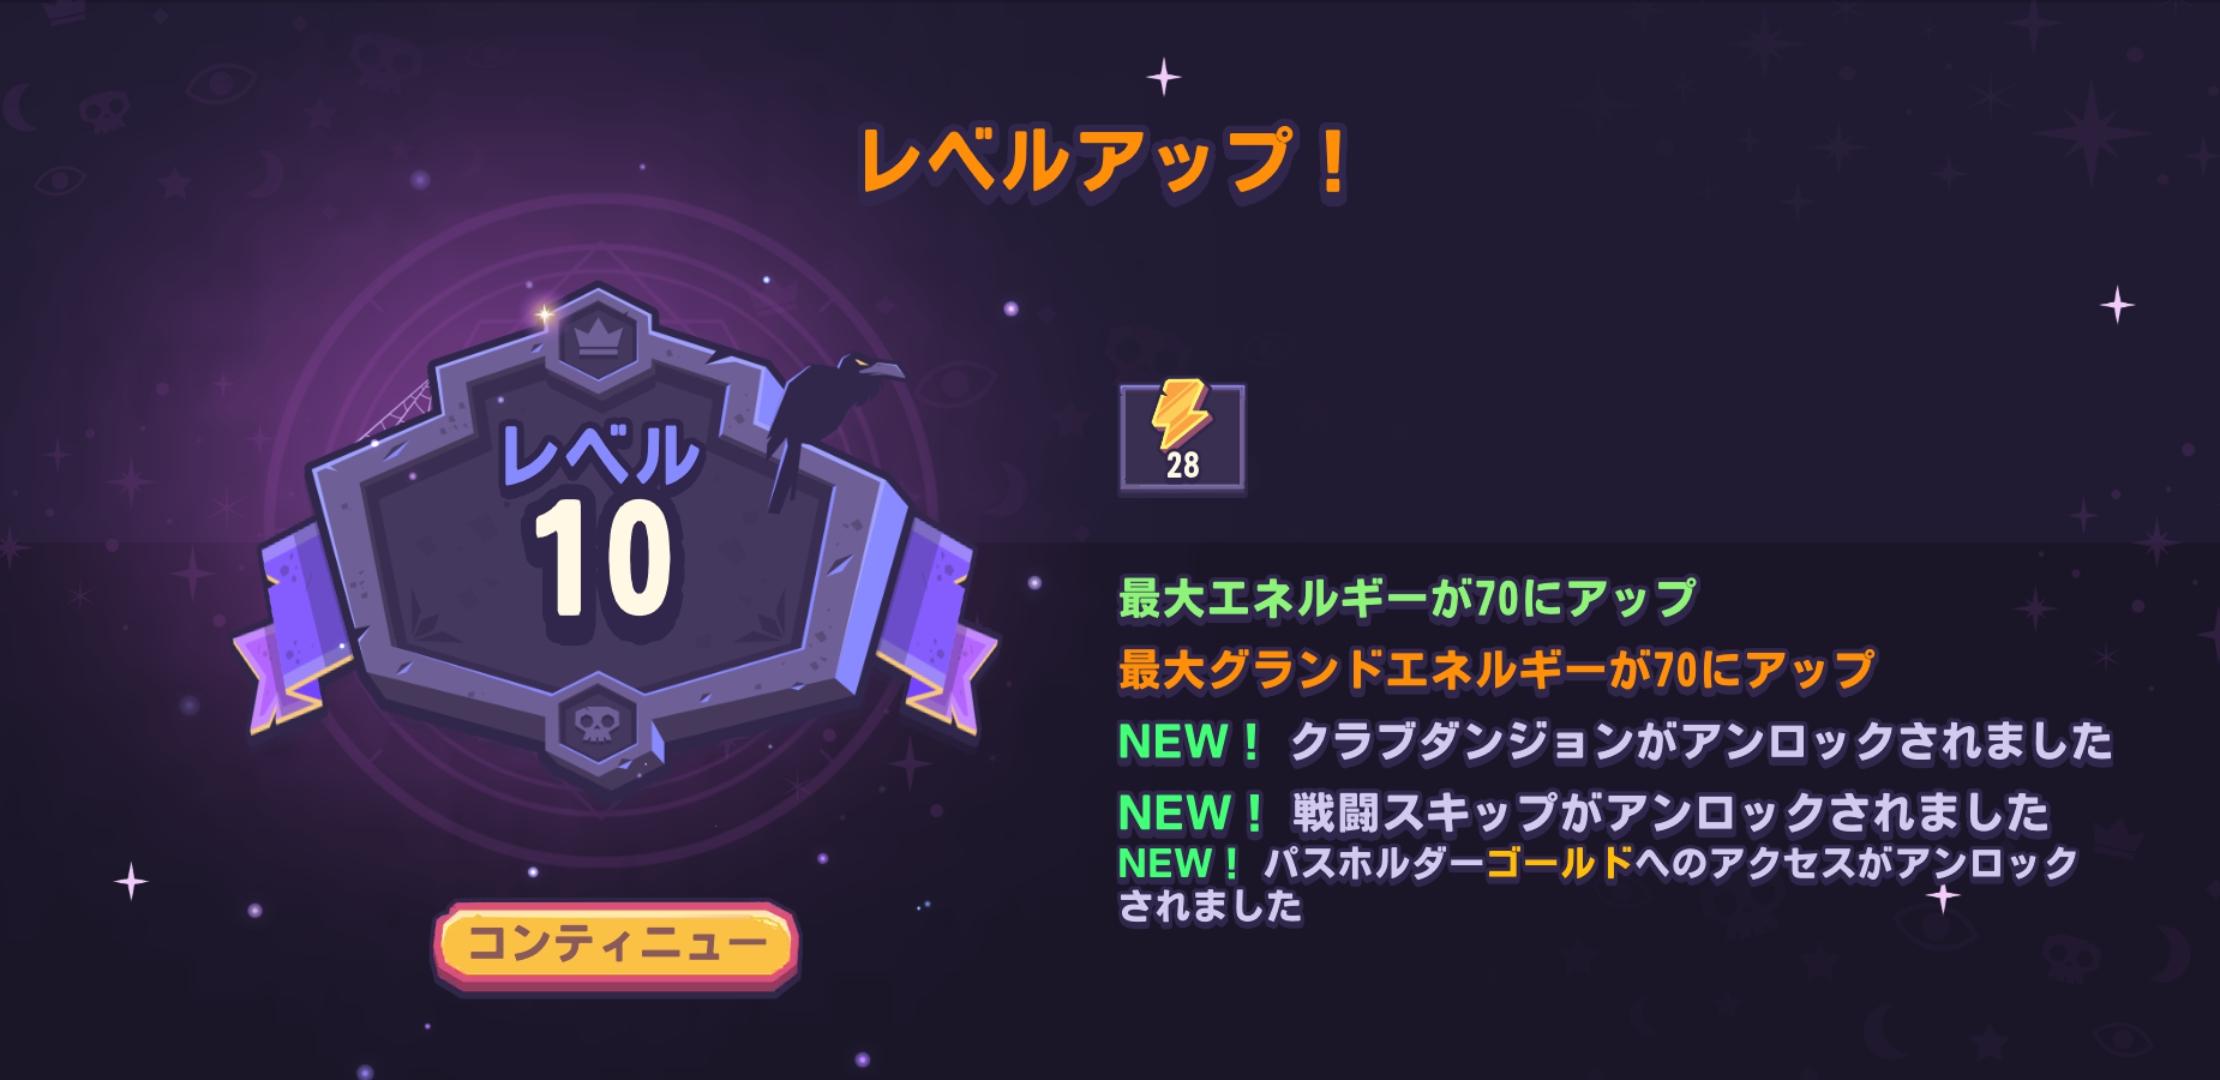 ディズニーソーサラー・アリーナ レベル10